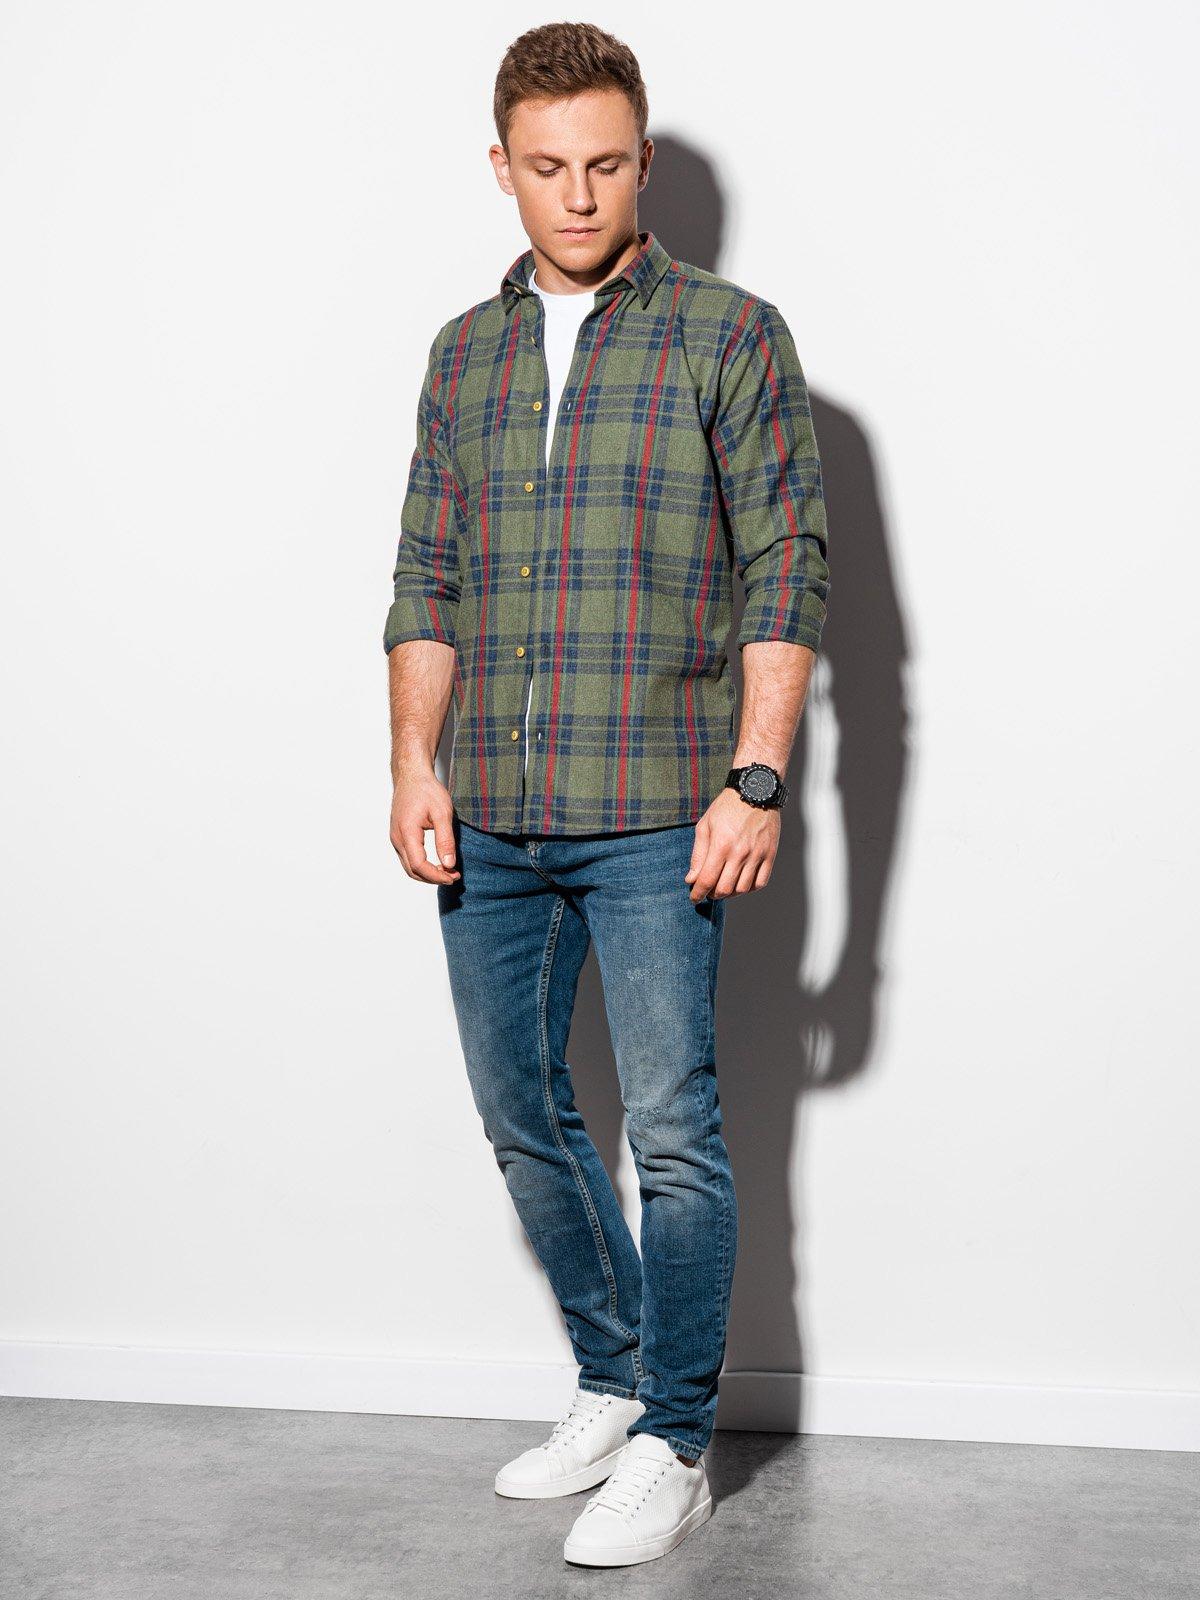 Koszula męska wkratę zdługim rękawem K562 - khaki